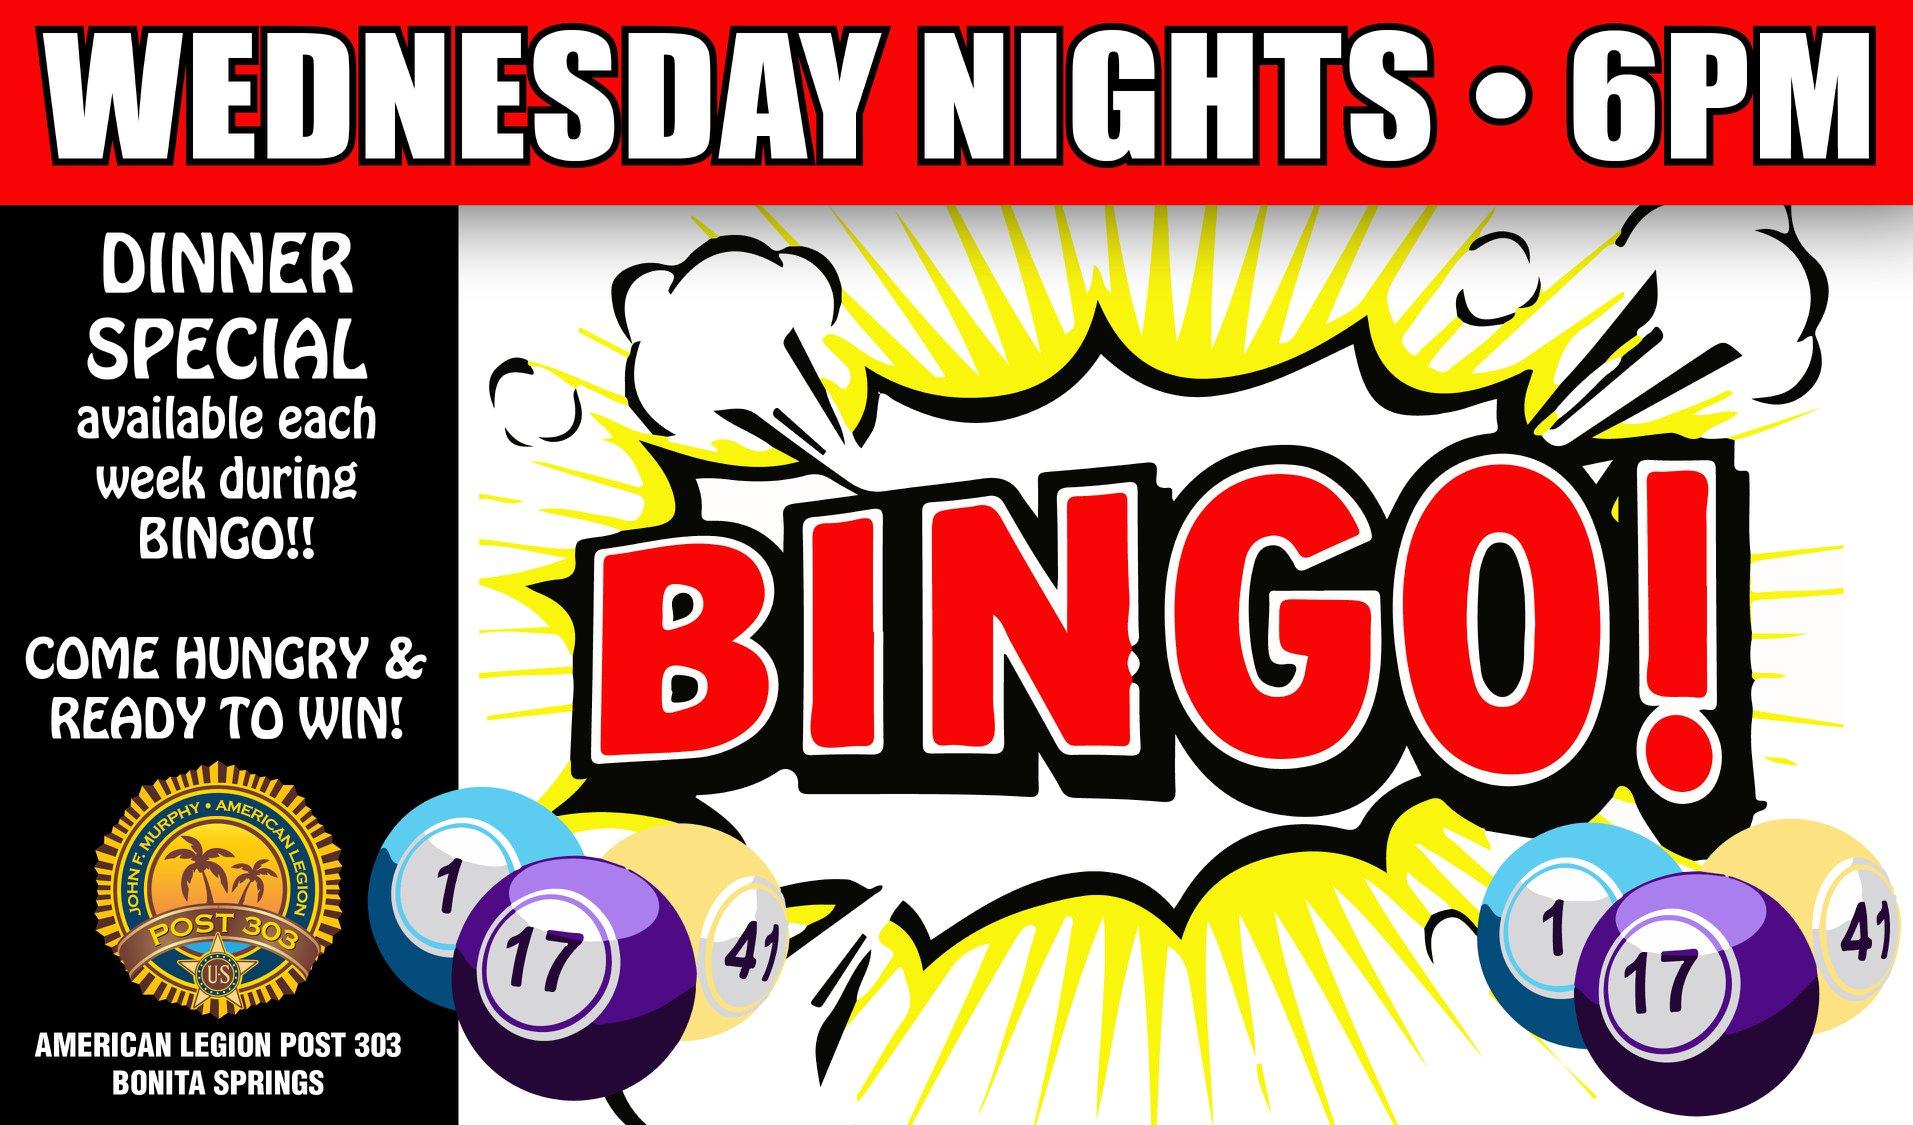 Post 303 Bingo Image